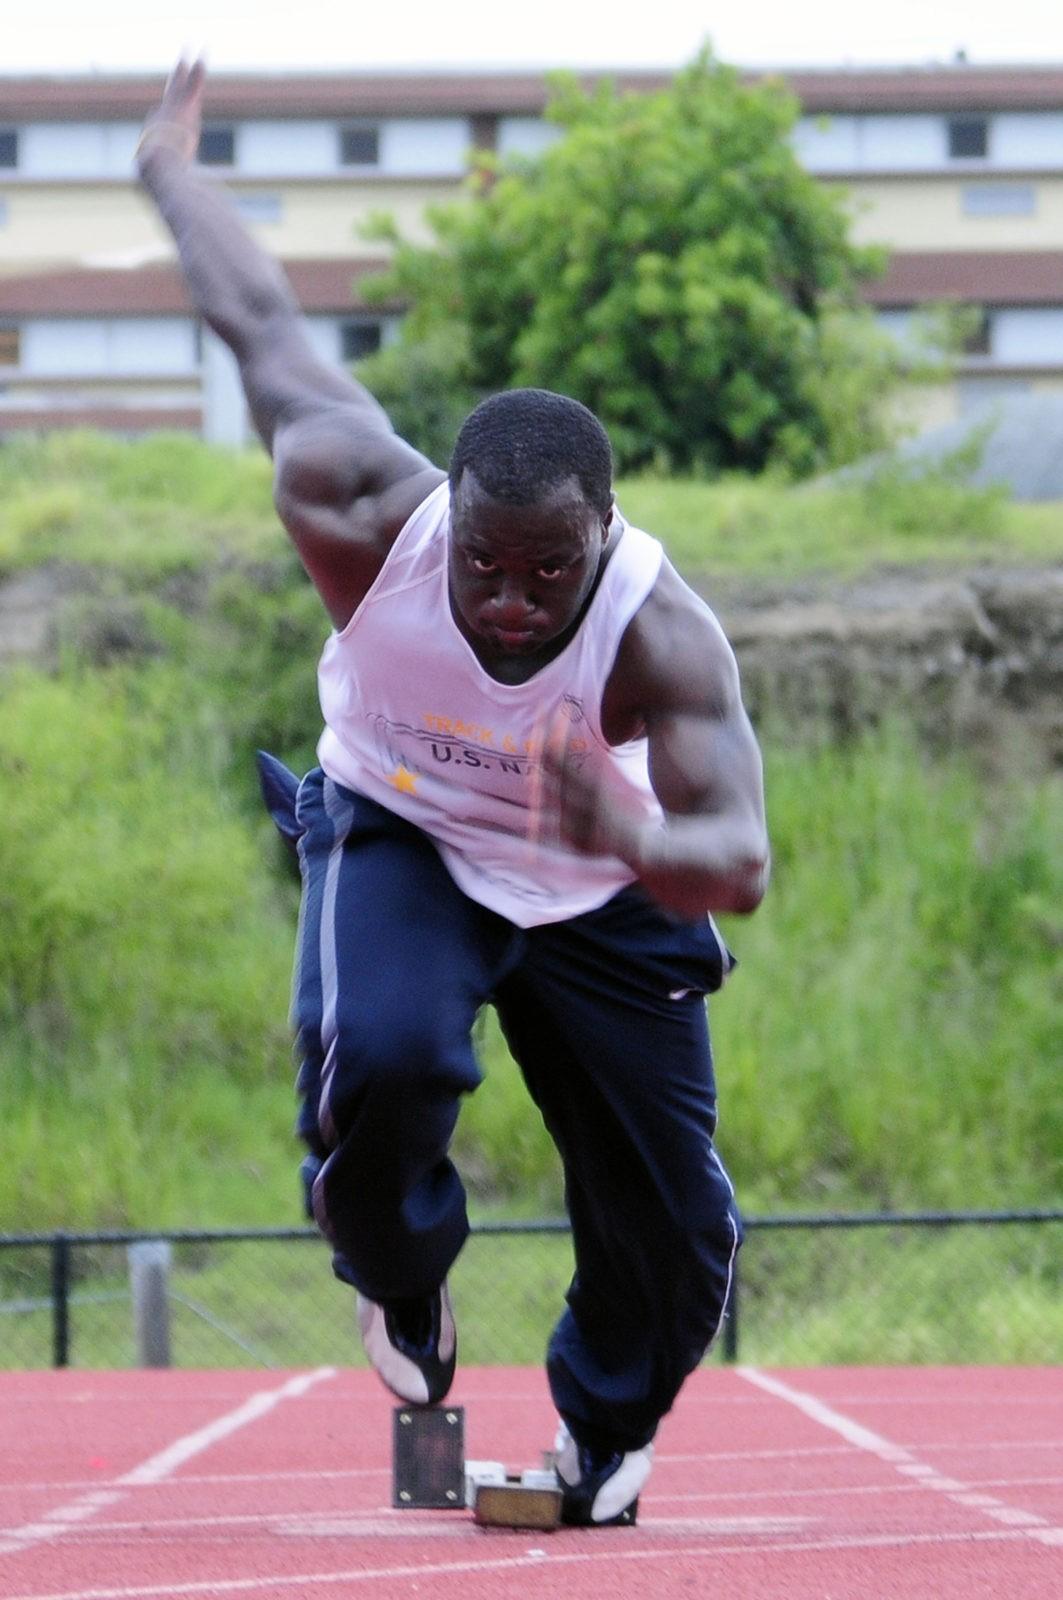 Сплит-программа: тренировка на прокачку мускулов с доказанной эффективностью